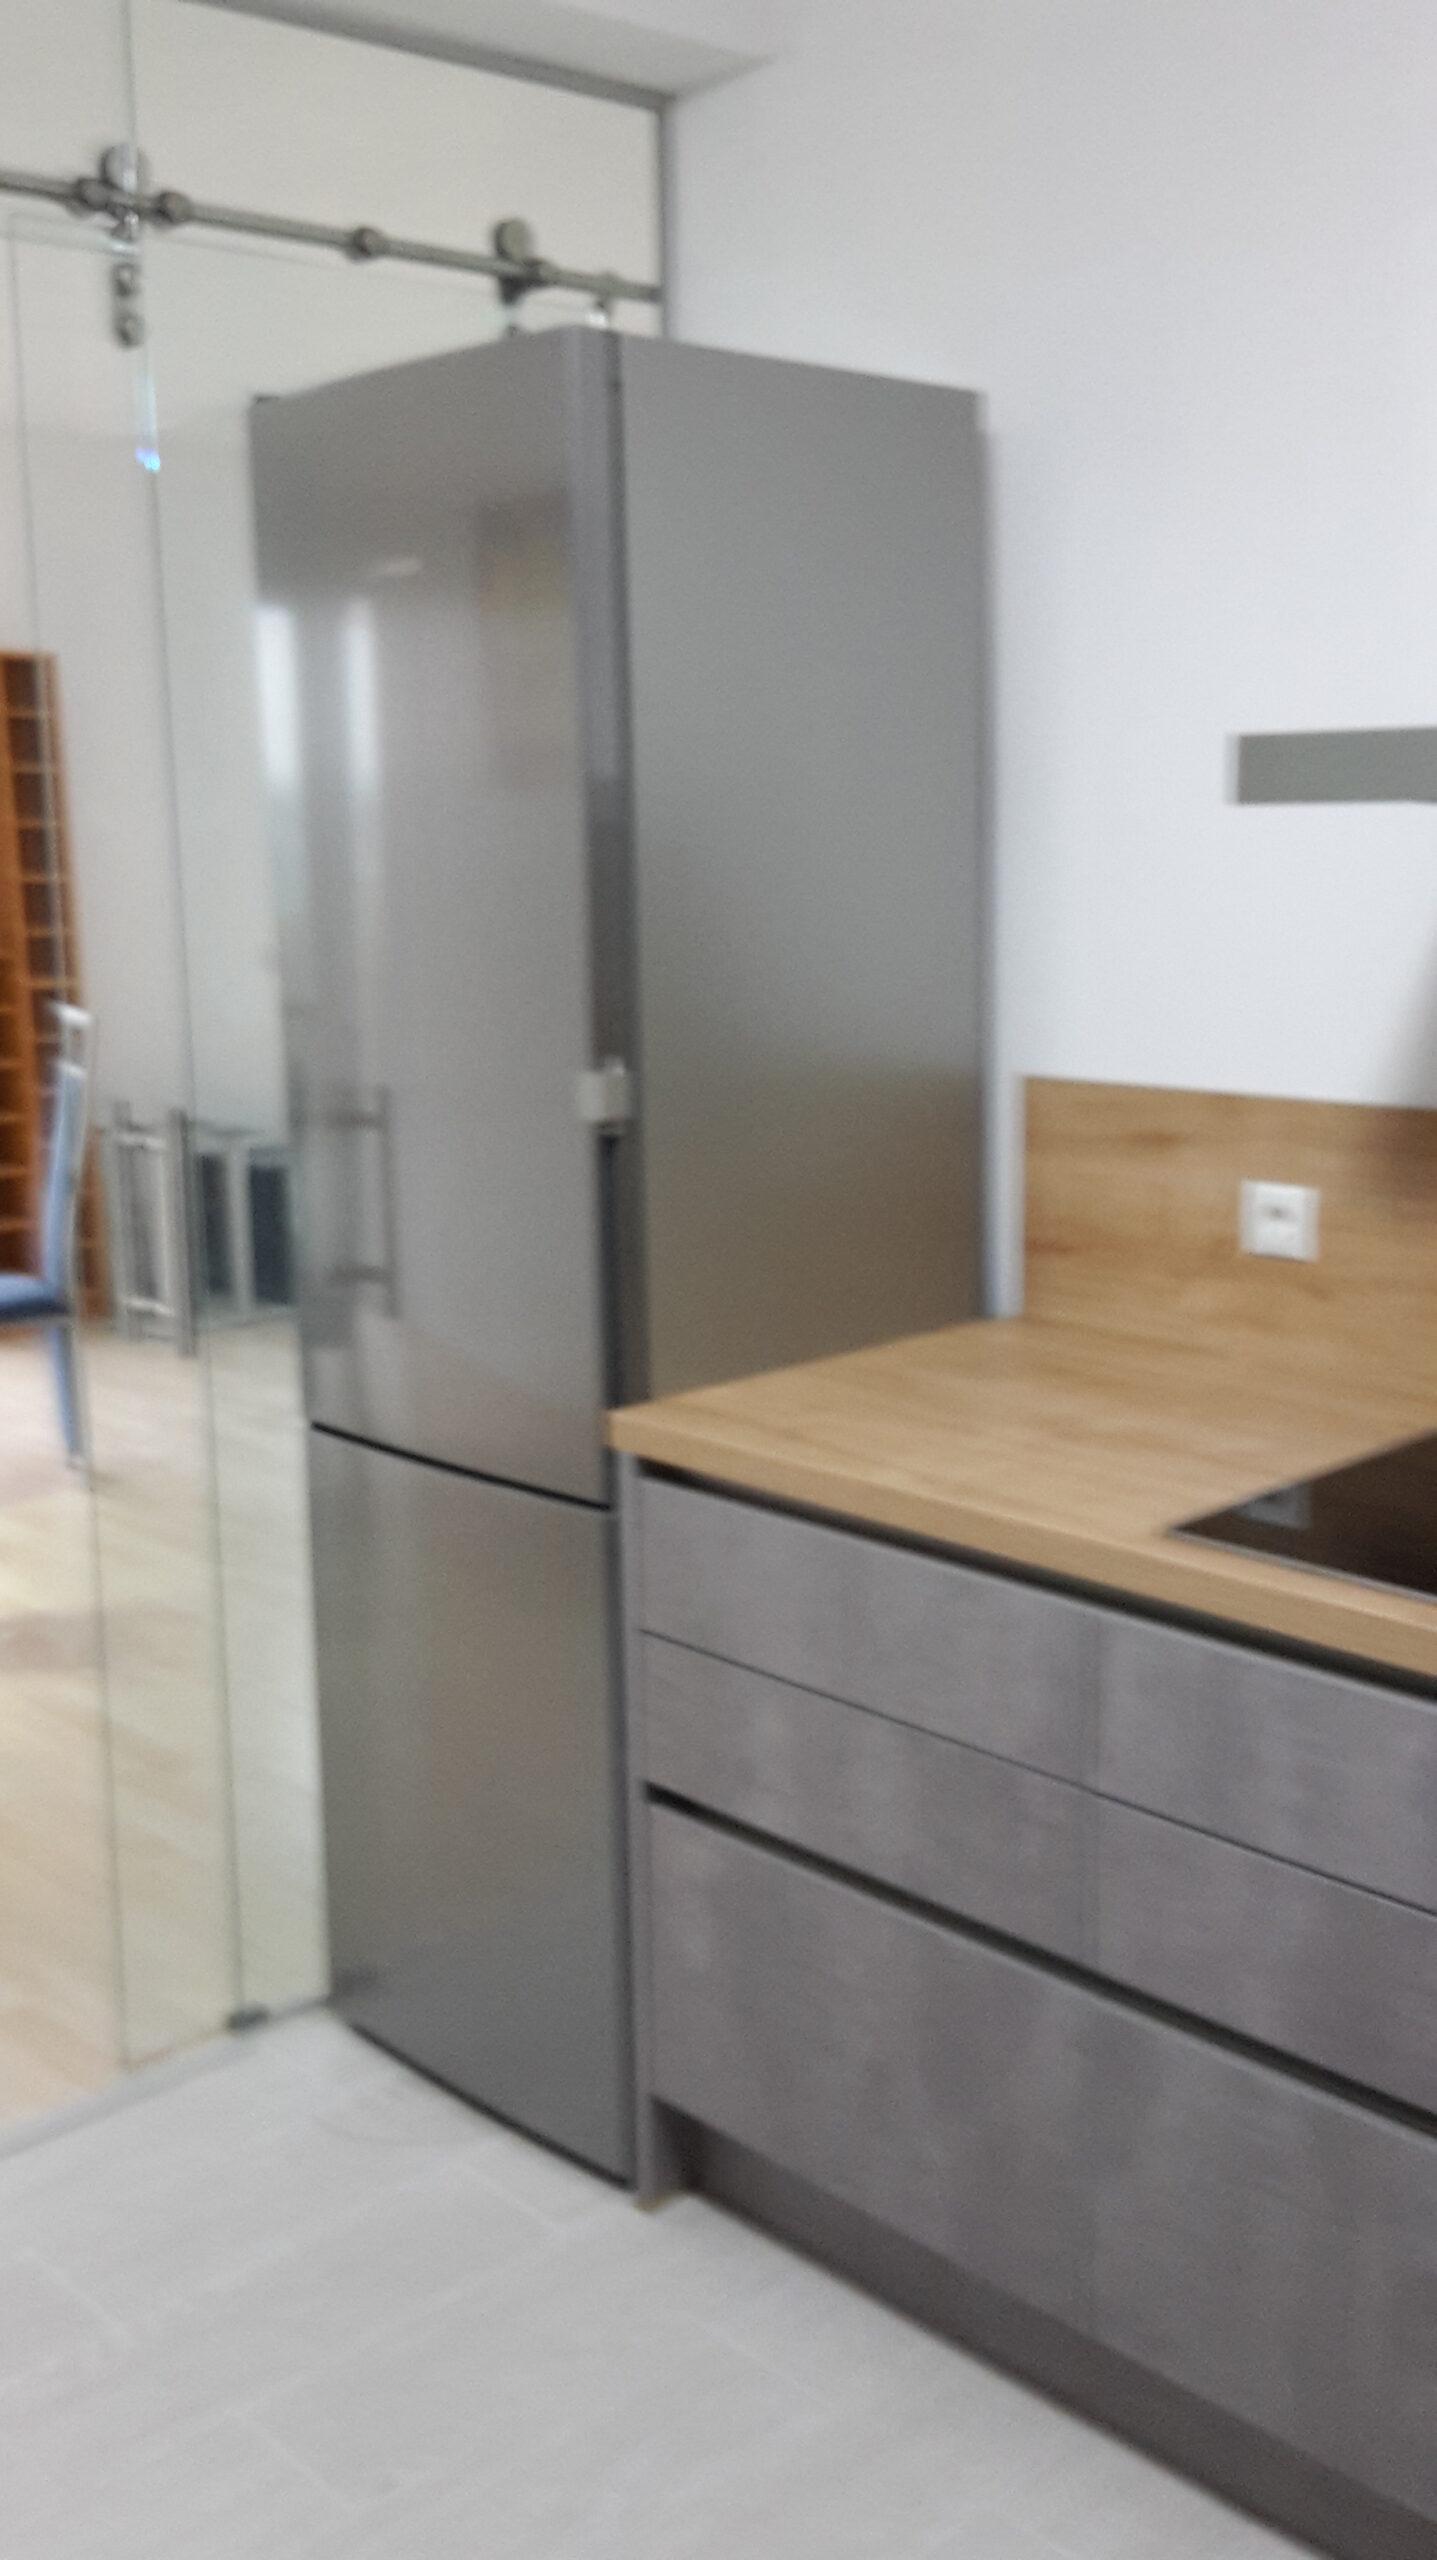 Full Size of Kche Küchen Regal Freistehende Küche Wohnzimmer Freistehende Küchen